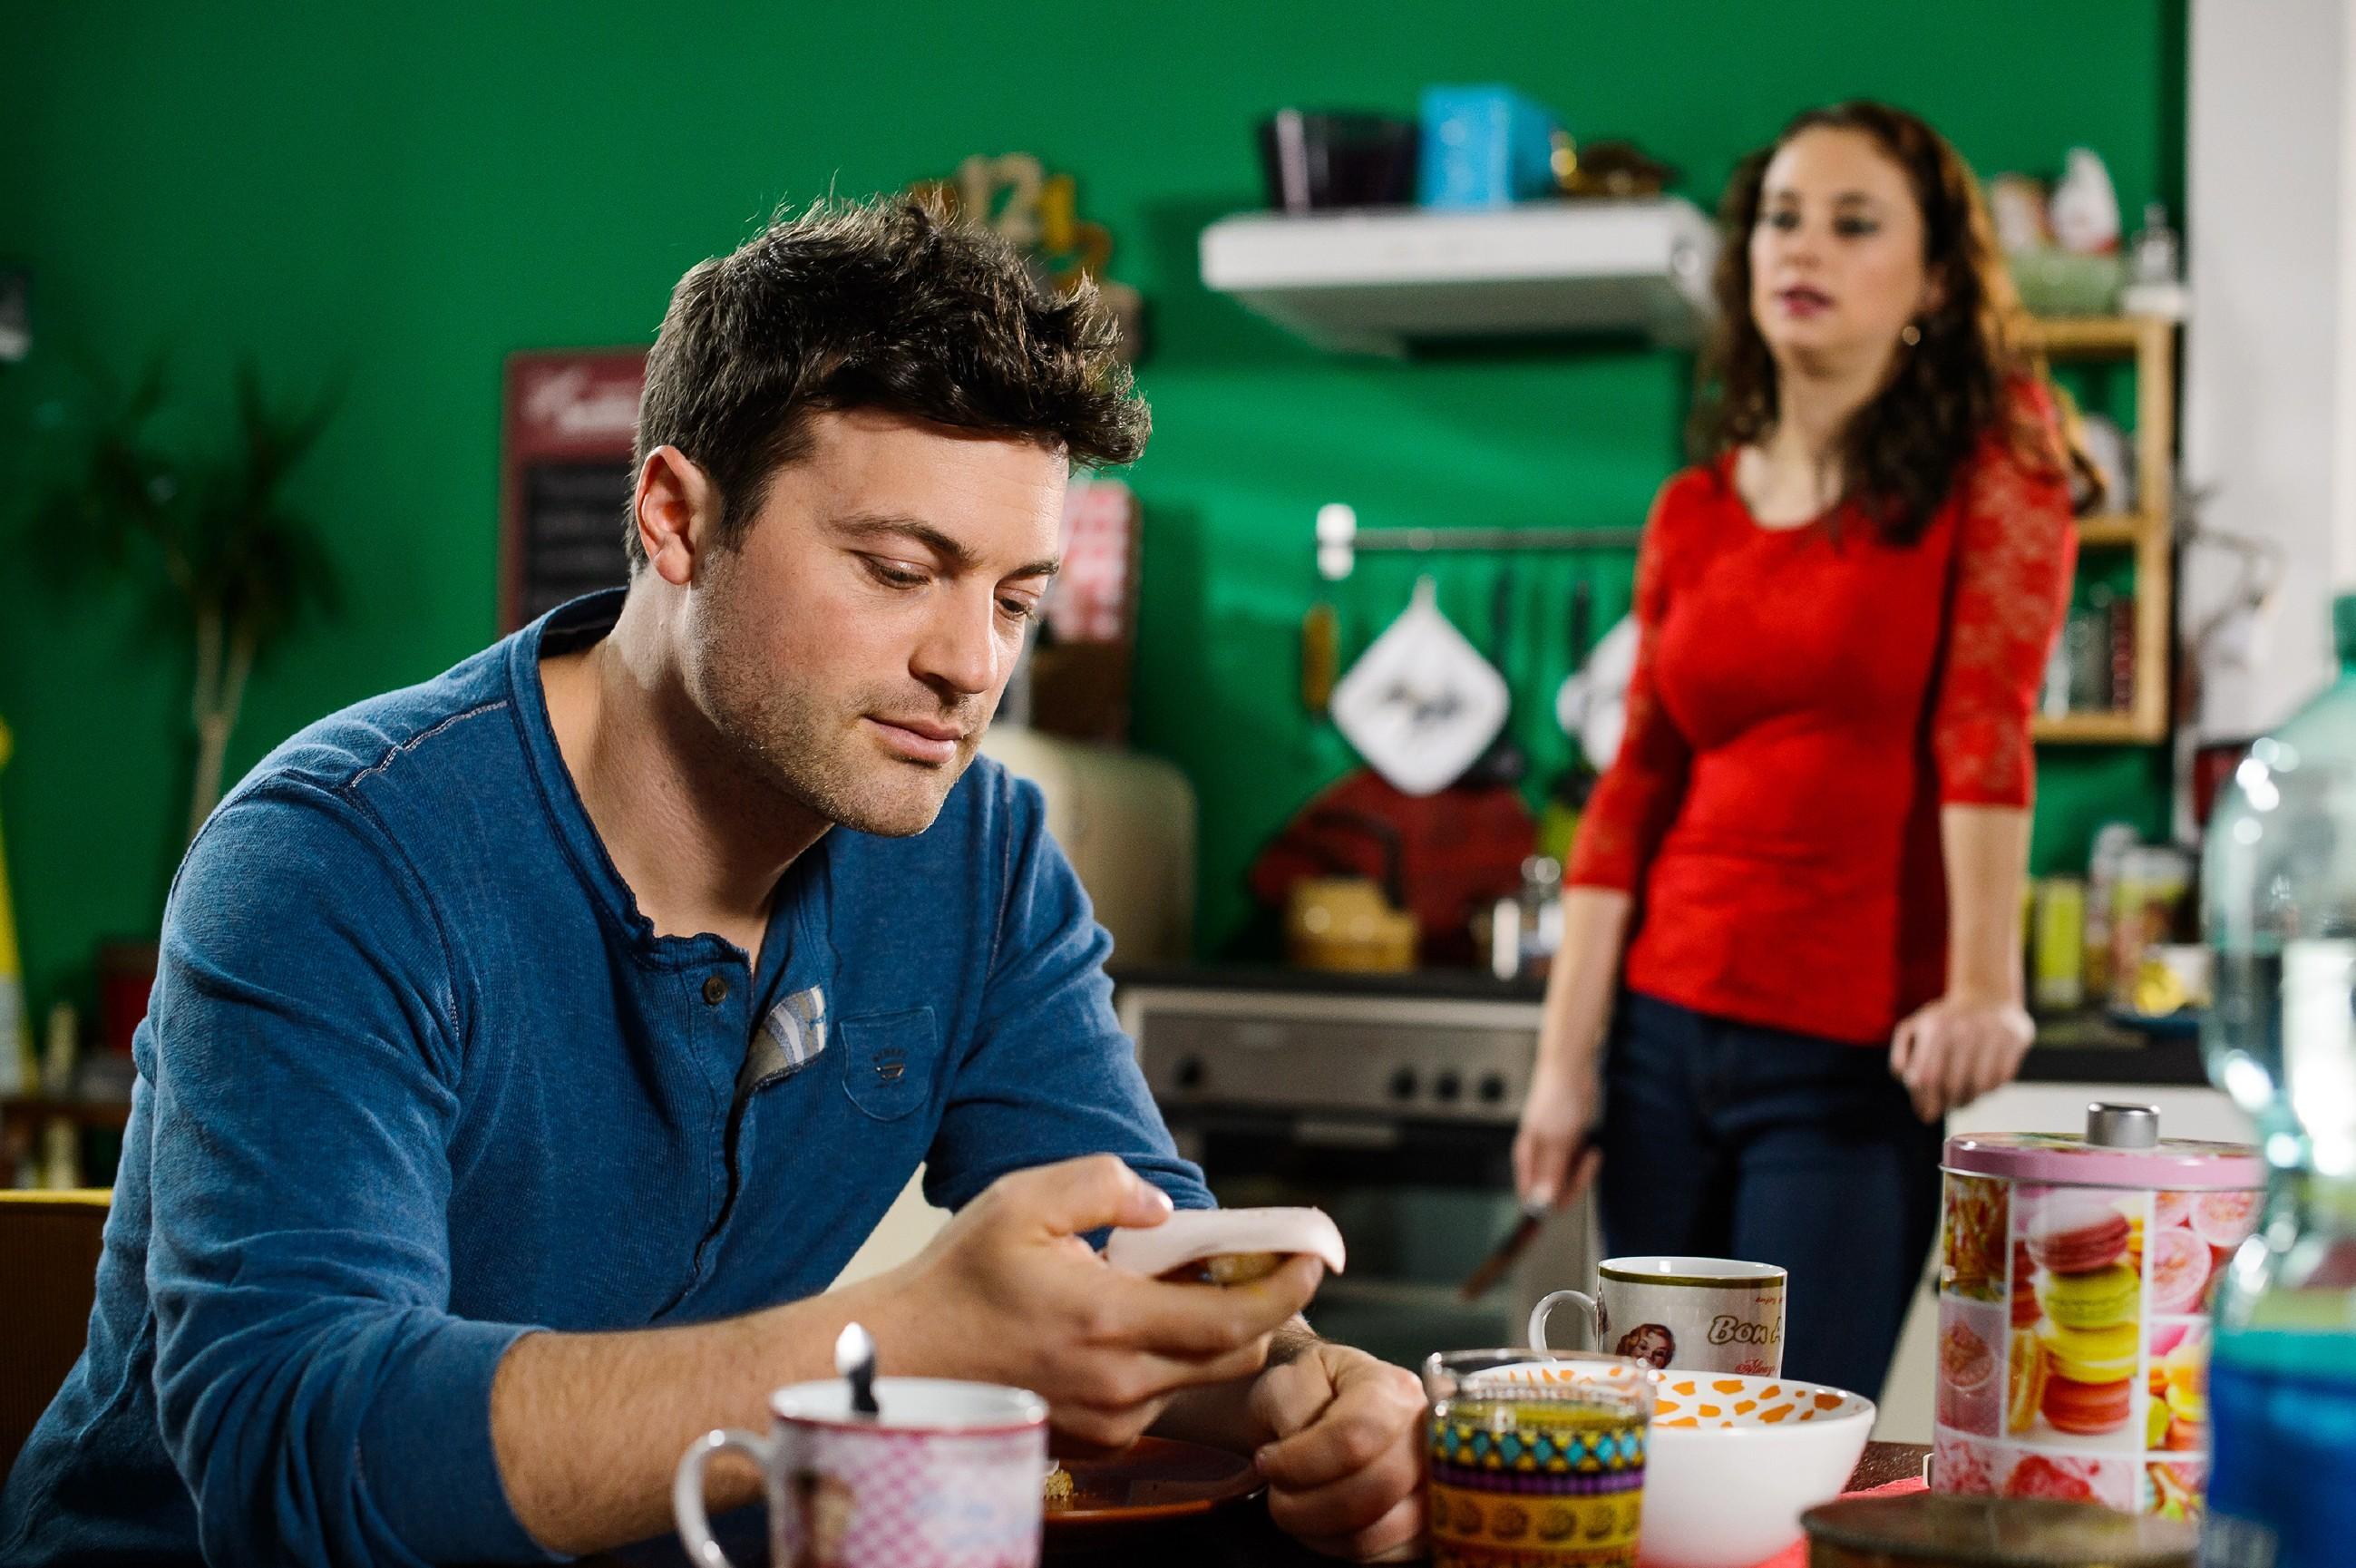 Während Carmen (Heike Warmuth) sich unglücklich fragt, was sie noch alles tun muss, damit Simone ihr glaubt, dass sie kein Verhältnis mit Richard hat, sieht Ben (Jörg Rohde) das Problem allein bei Richard und Simone und rät Carmen zu Abstand.(Quelle: Foto: RTL / Willi Weber)